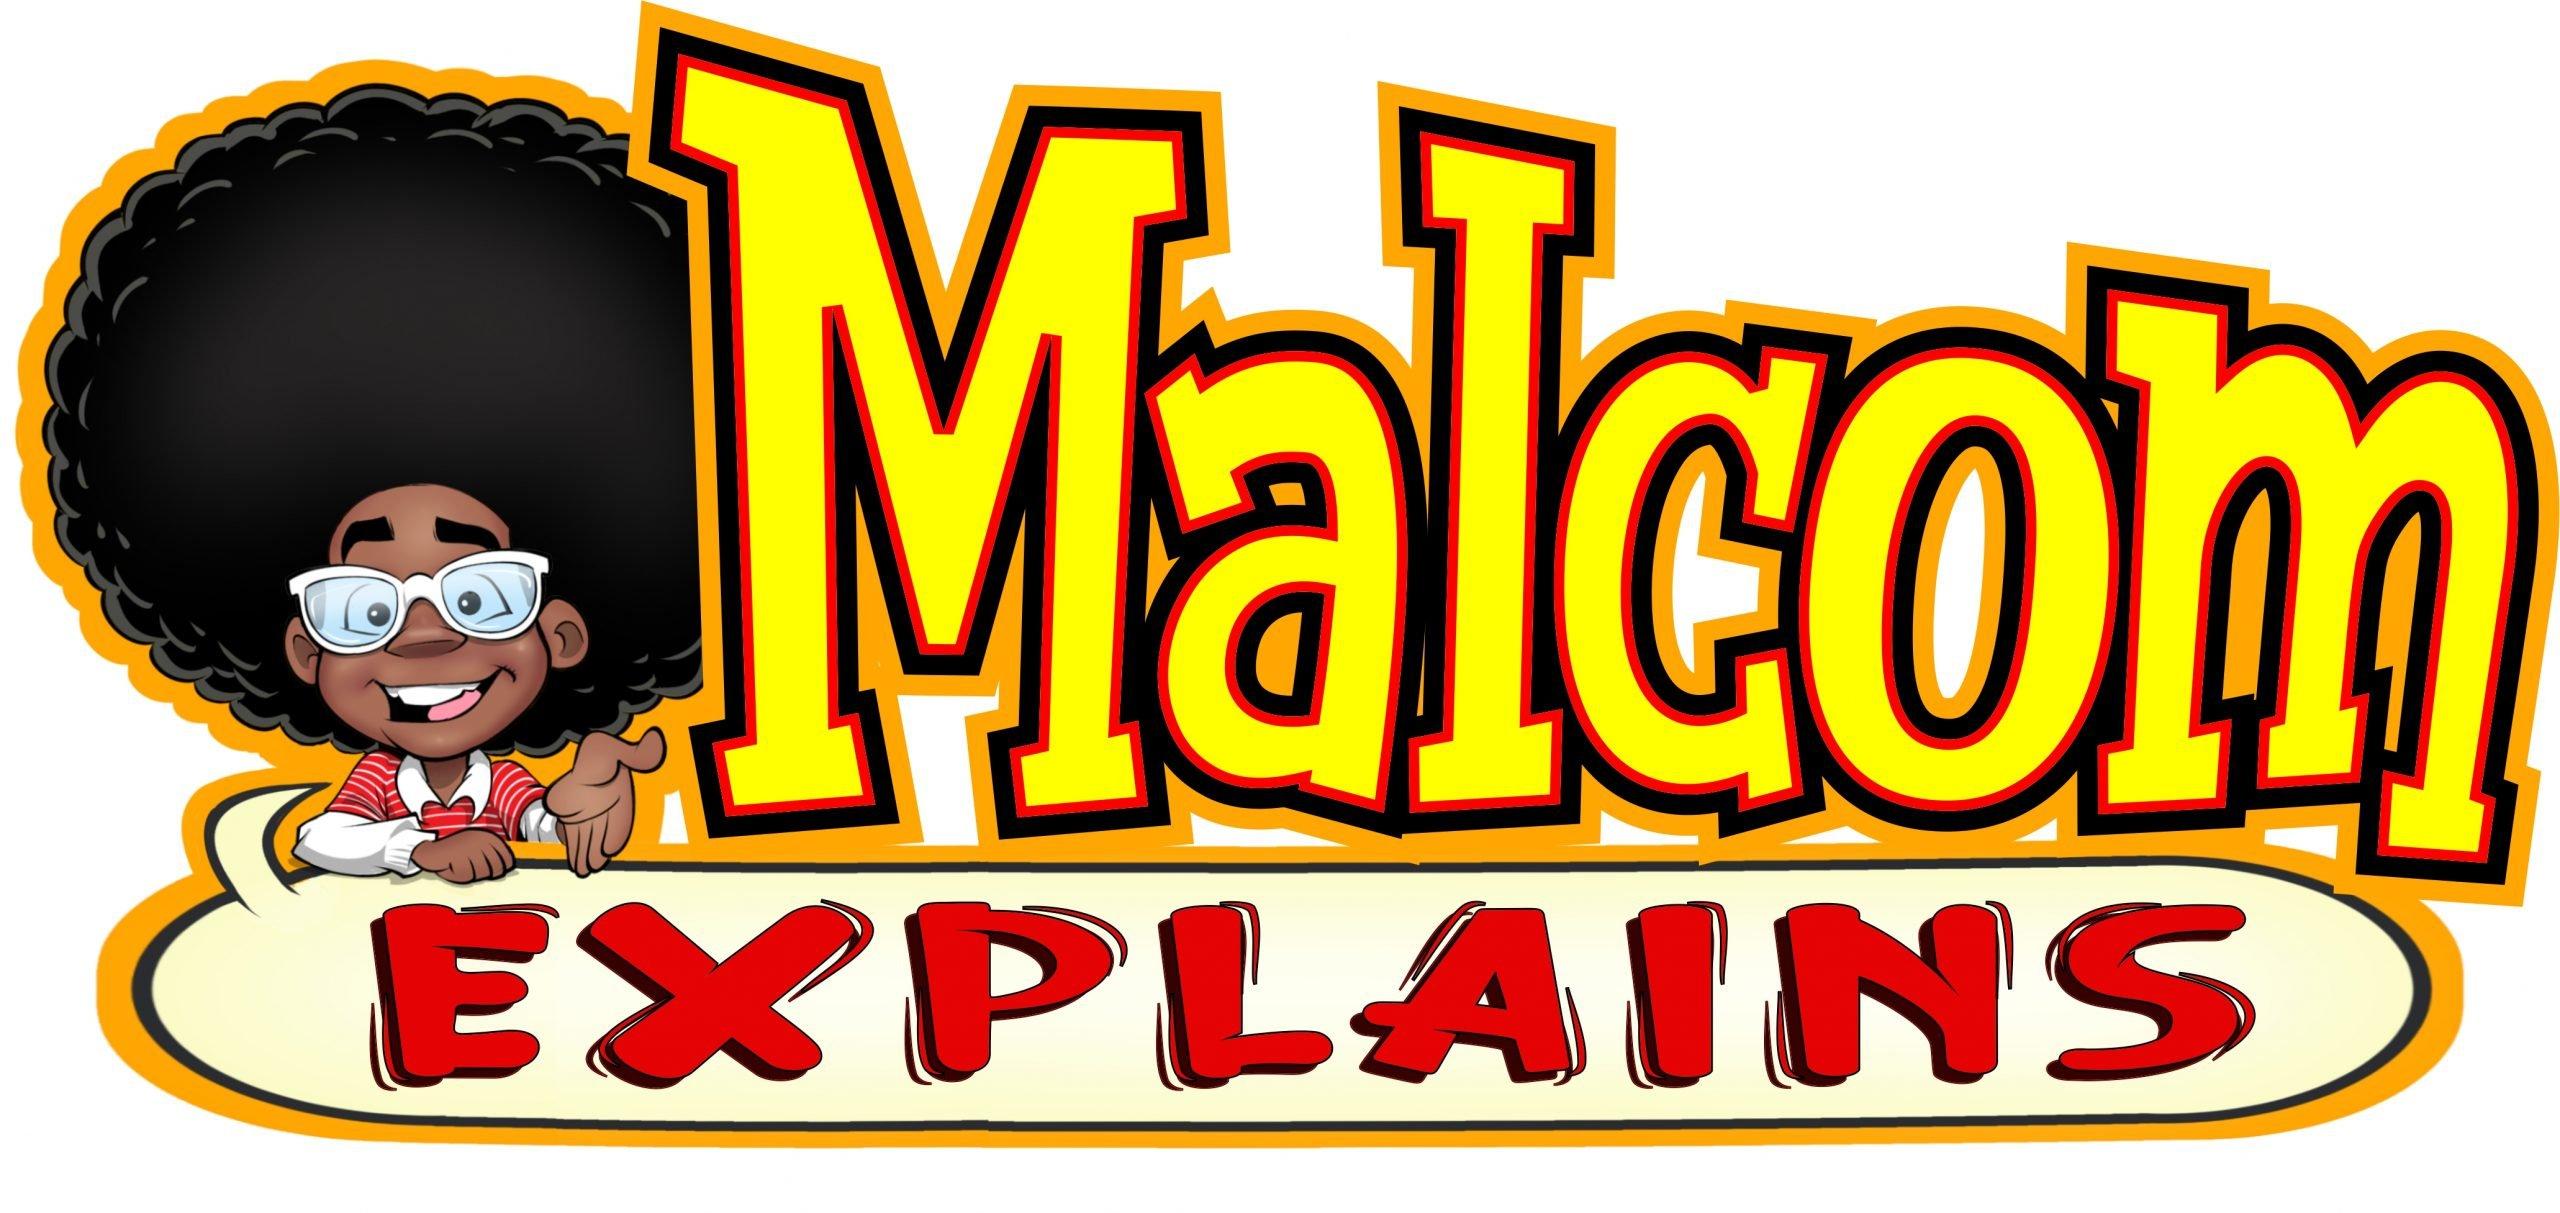 Malcom Explains Main Logo - Written by Joedy Barnes